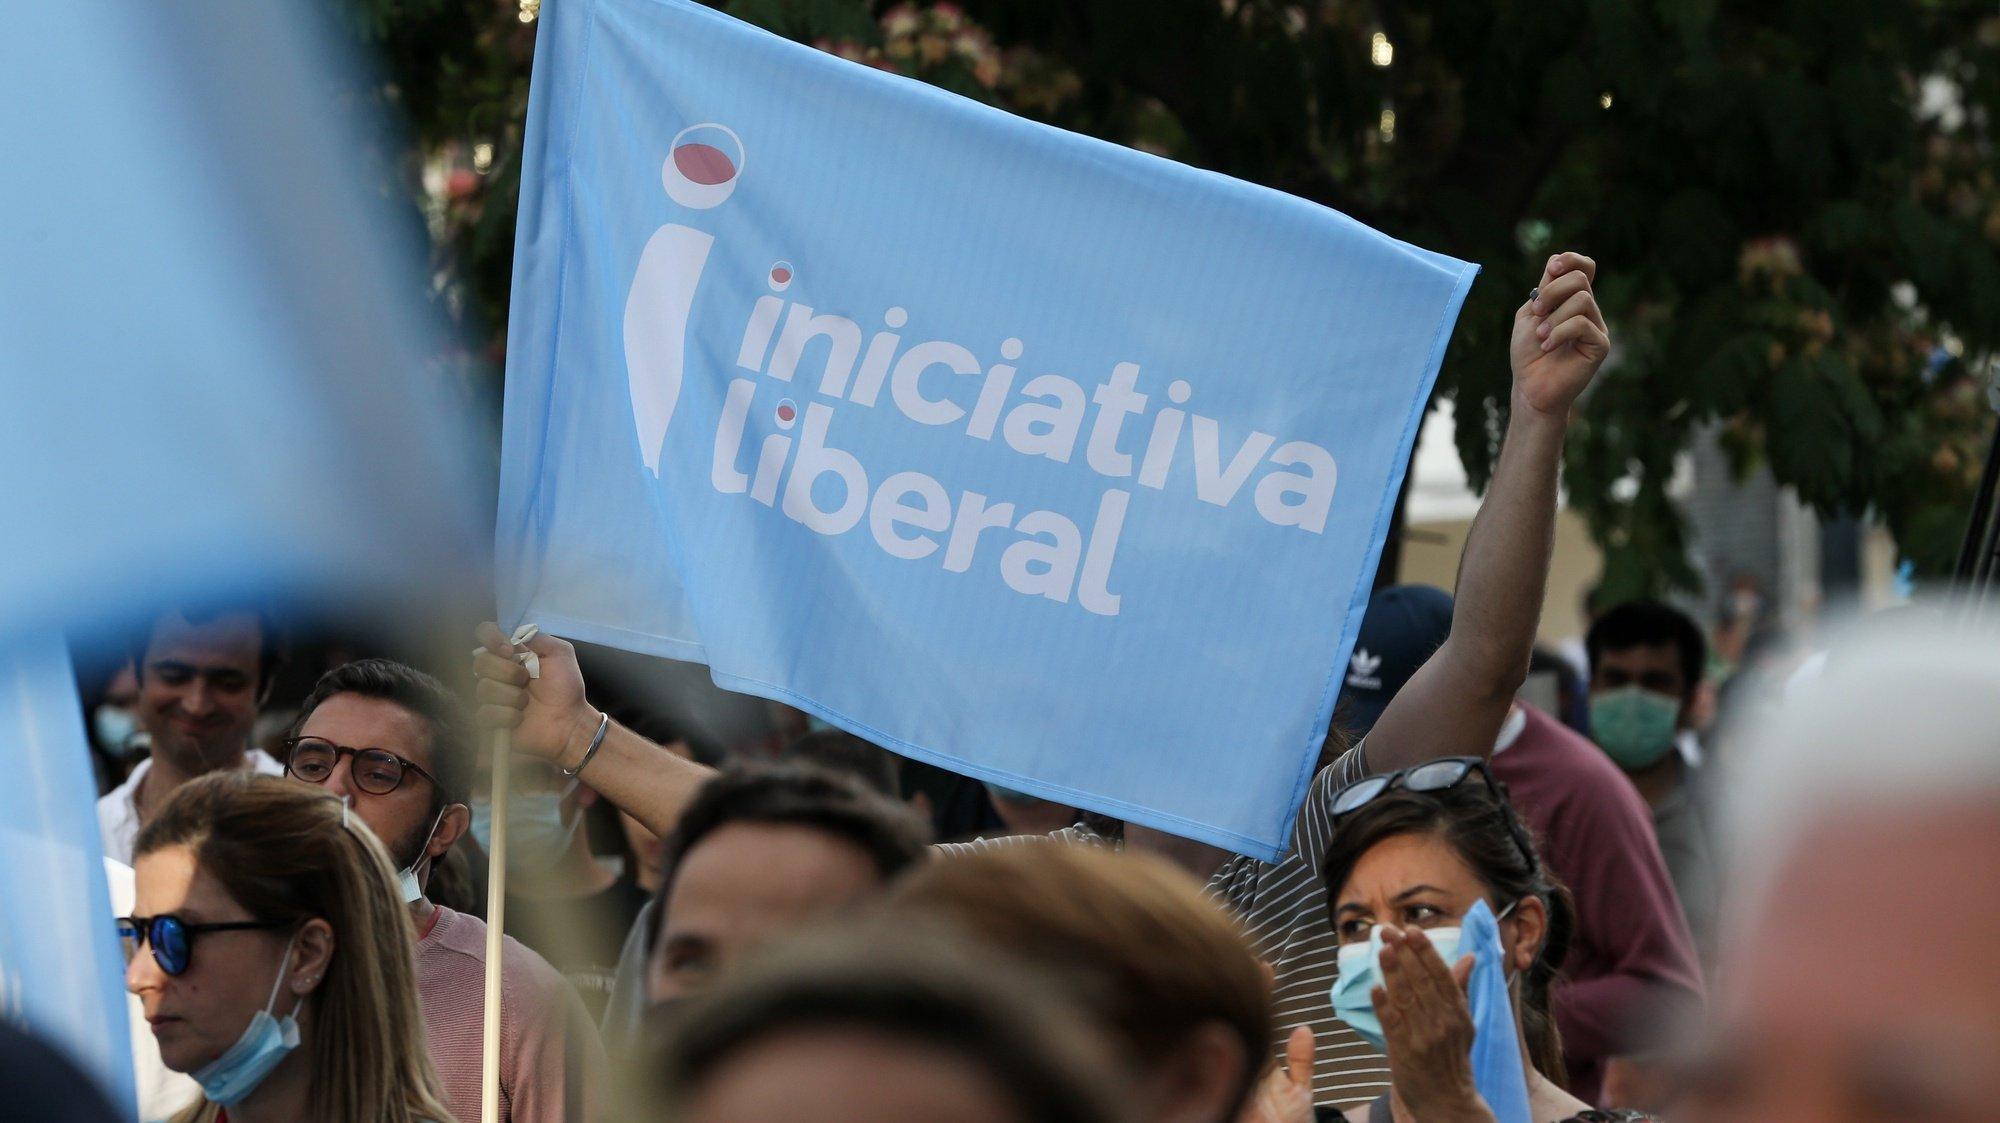 Apoiantes da Iniciativa Liberal durante o arraial promovido pelo partido, no Largo Vitorino Damásio, em Lisboa, 12 de junho de 2021. O partido promove o arraial com música, DJ, animação, barraquinhas, e discursos políticos. MANUEL DE ALMEIDA/LUSA